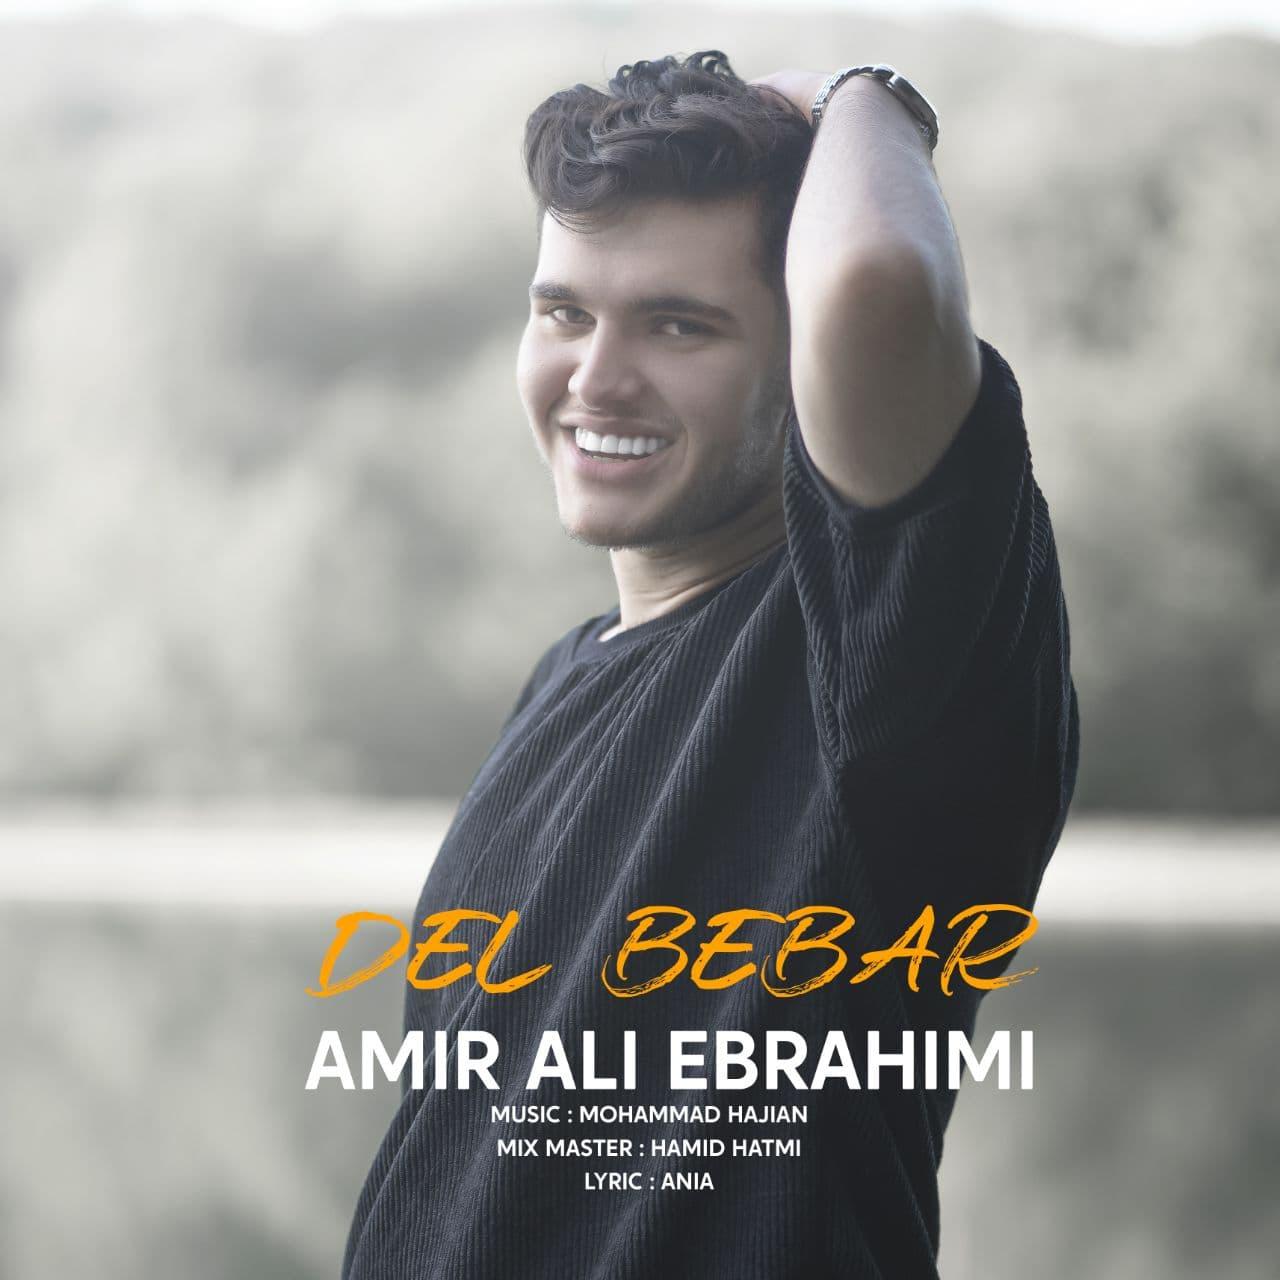 دانلود آهنگ امیر علی ابراهیمی به نام دل ببر از موزیک باز